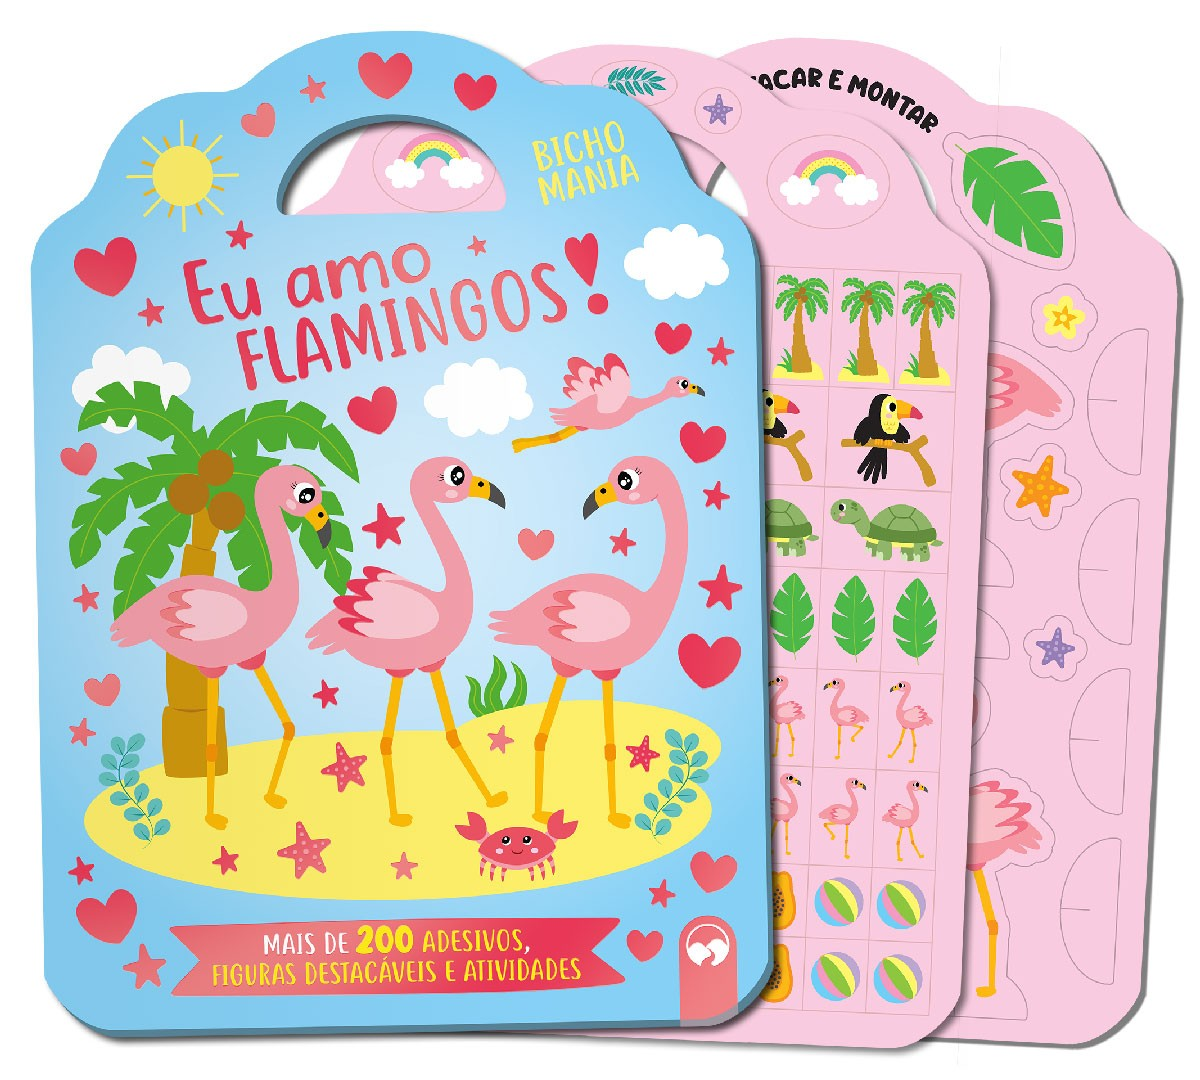 Eu amo Flamingos - Bicho Mania